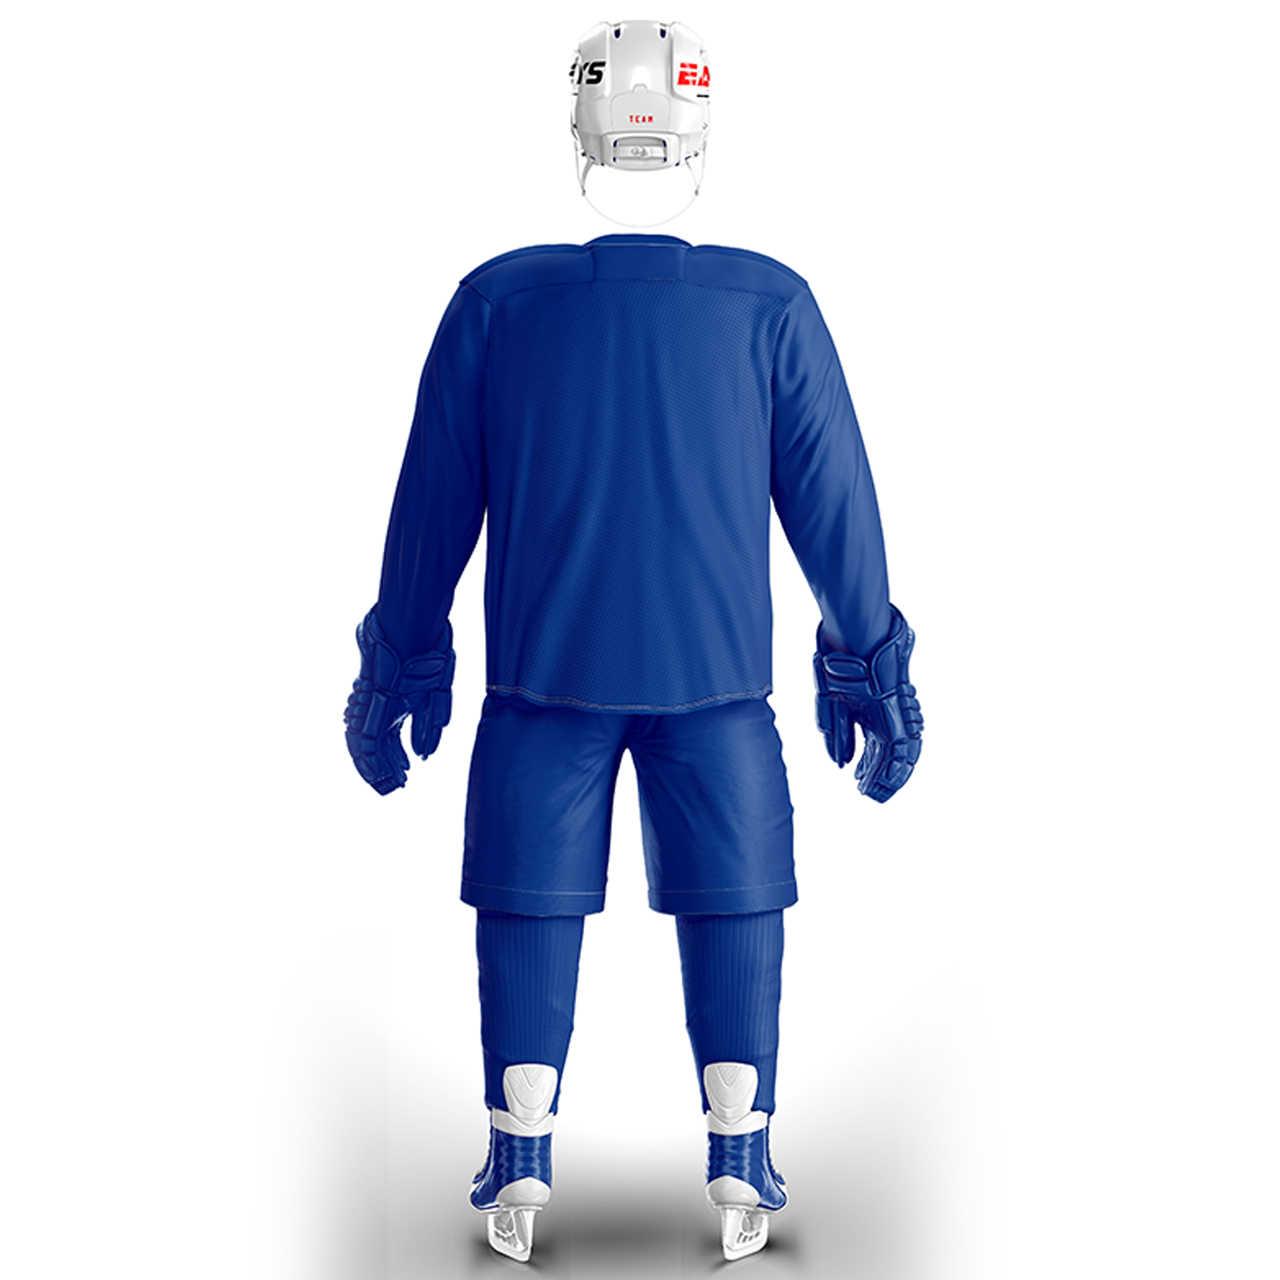 Han Duck Бесплатная доставка дешевый синий тренировочный костюм хоккейный свитер с логотипом Han Duck на заказ в наличии